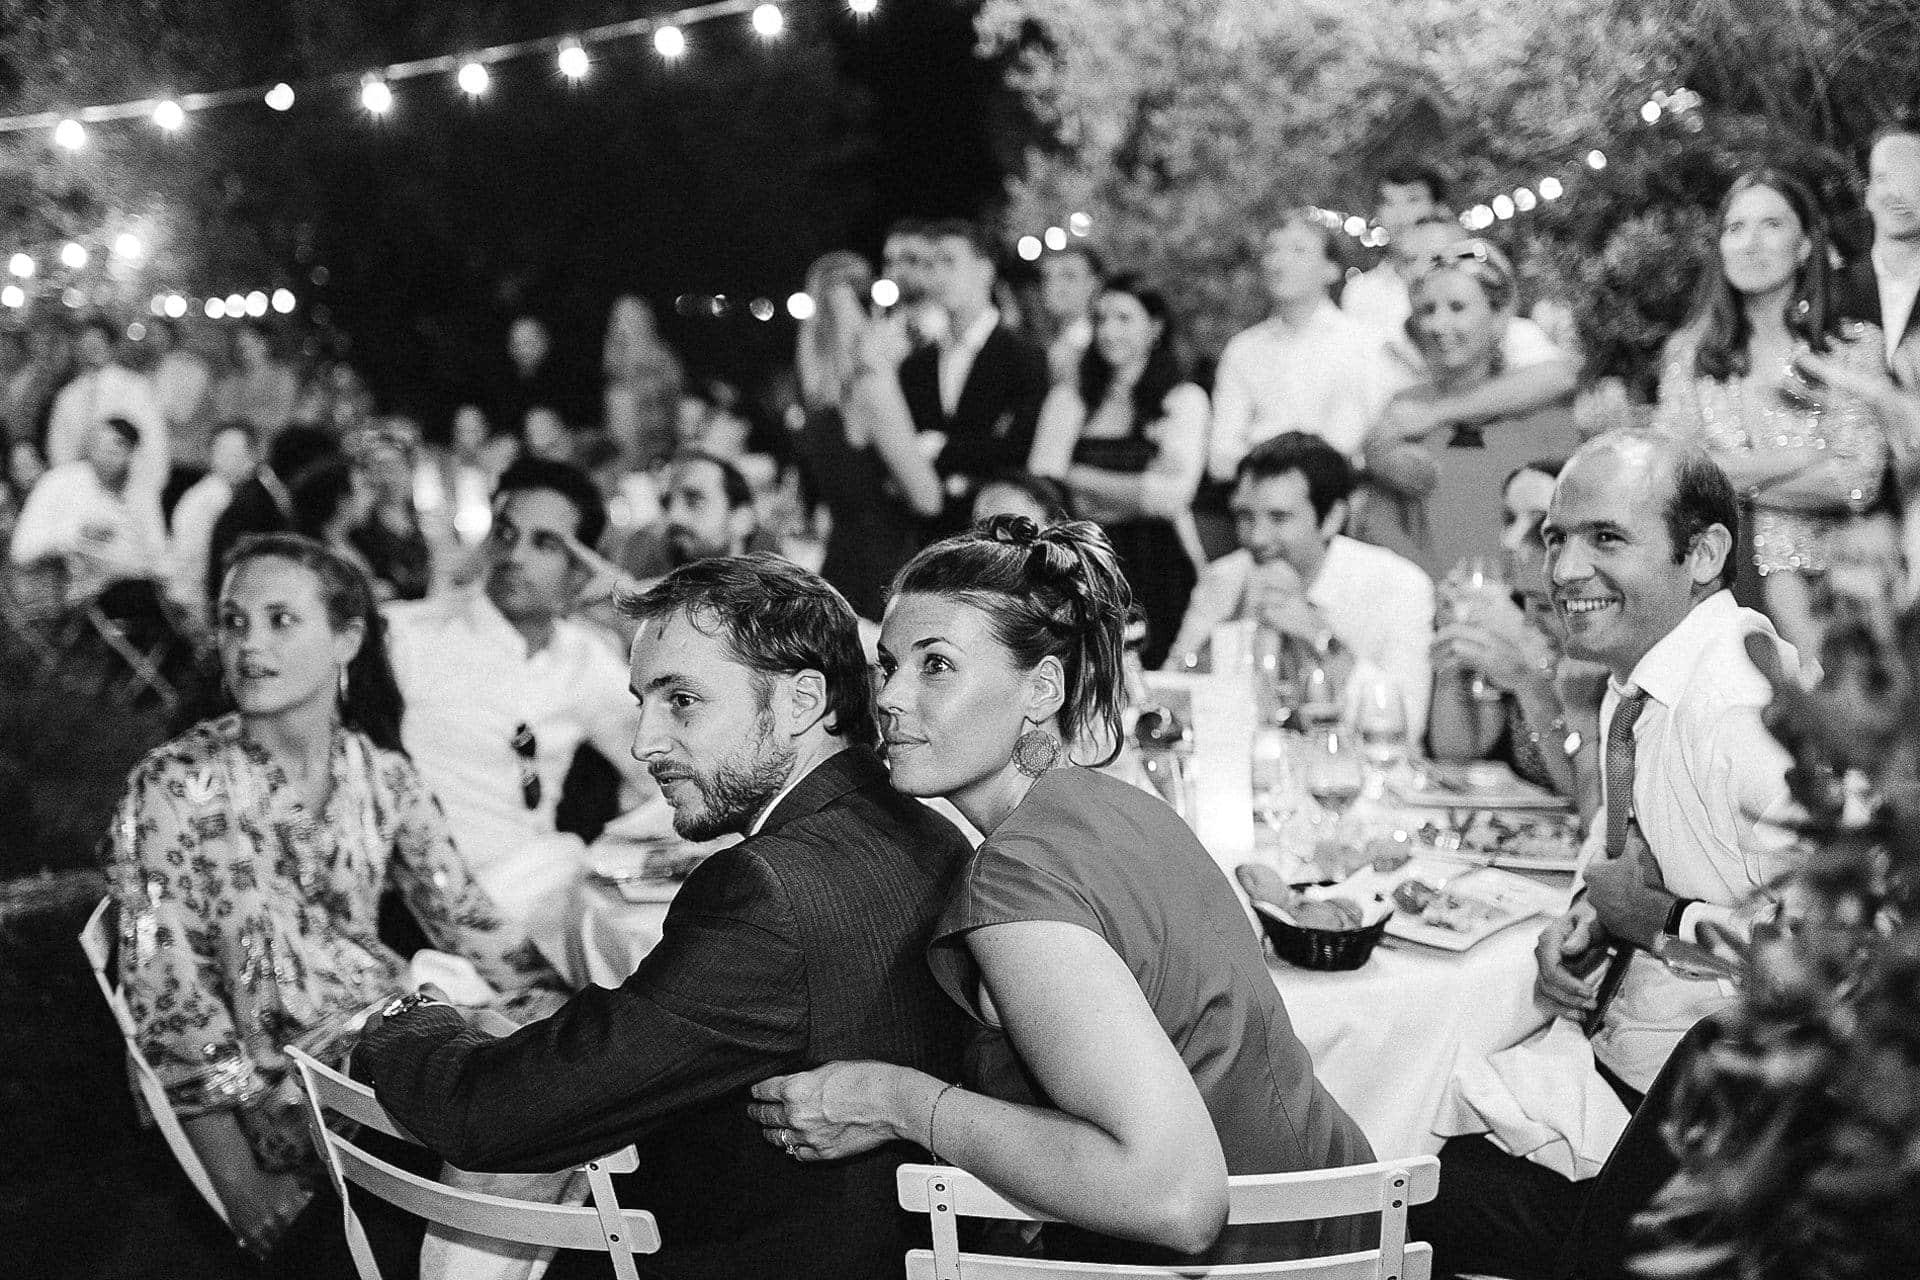 Diner sous les lampes guinguettes au domaine de la Bégude Ernestine et sa famille photographe de mariage à l'approche reportage